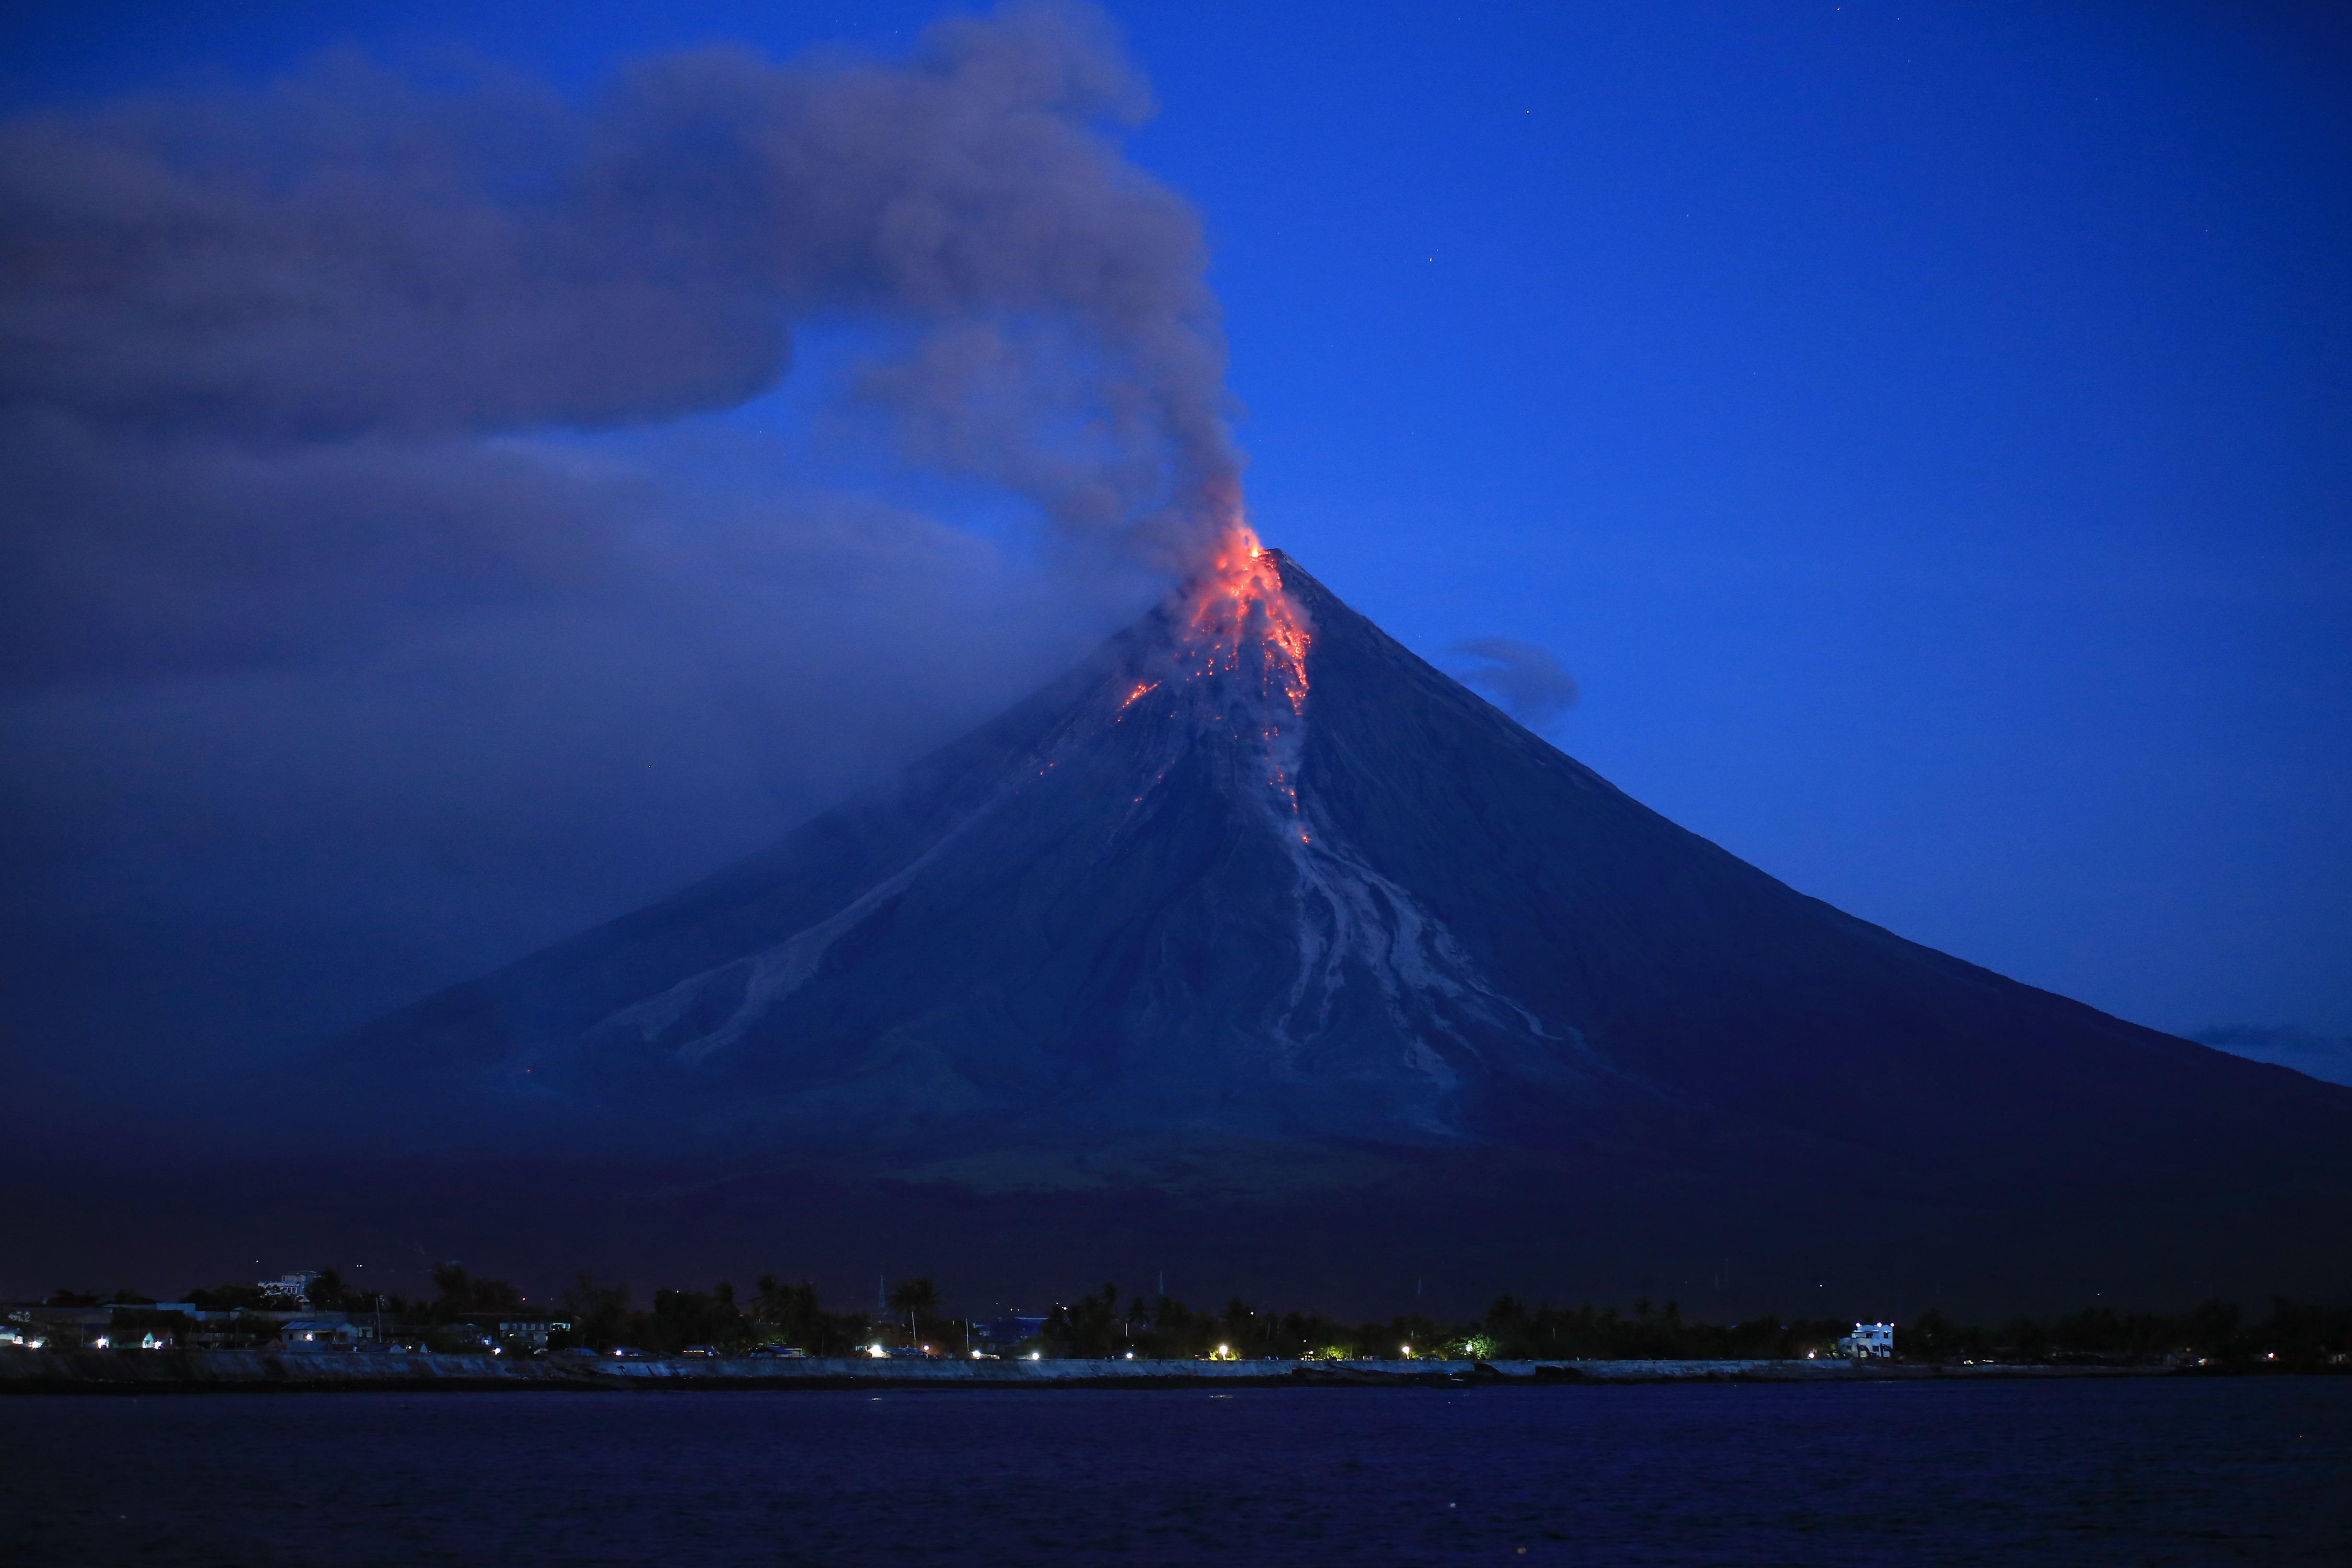 Több ezer embert menekítettek ki, mert vörös lávát lövell ki a legaktívabb Fülöp-szigeteki vulkán